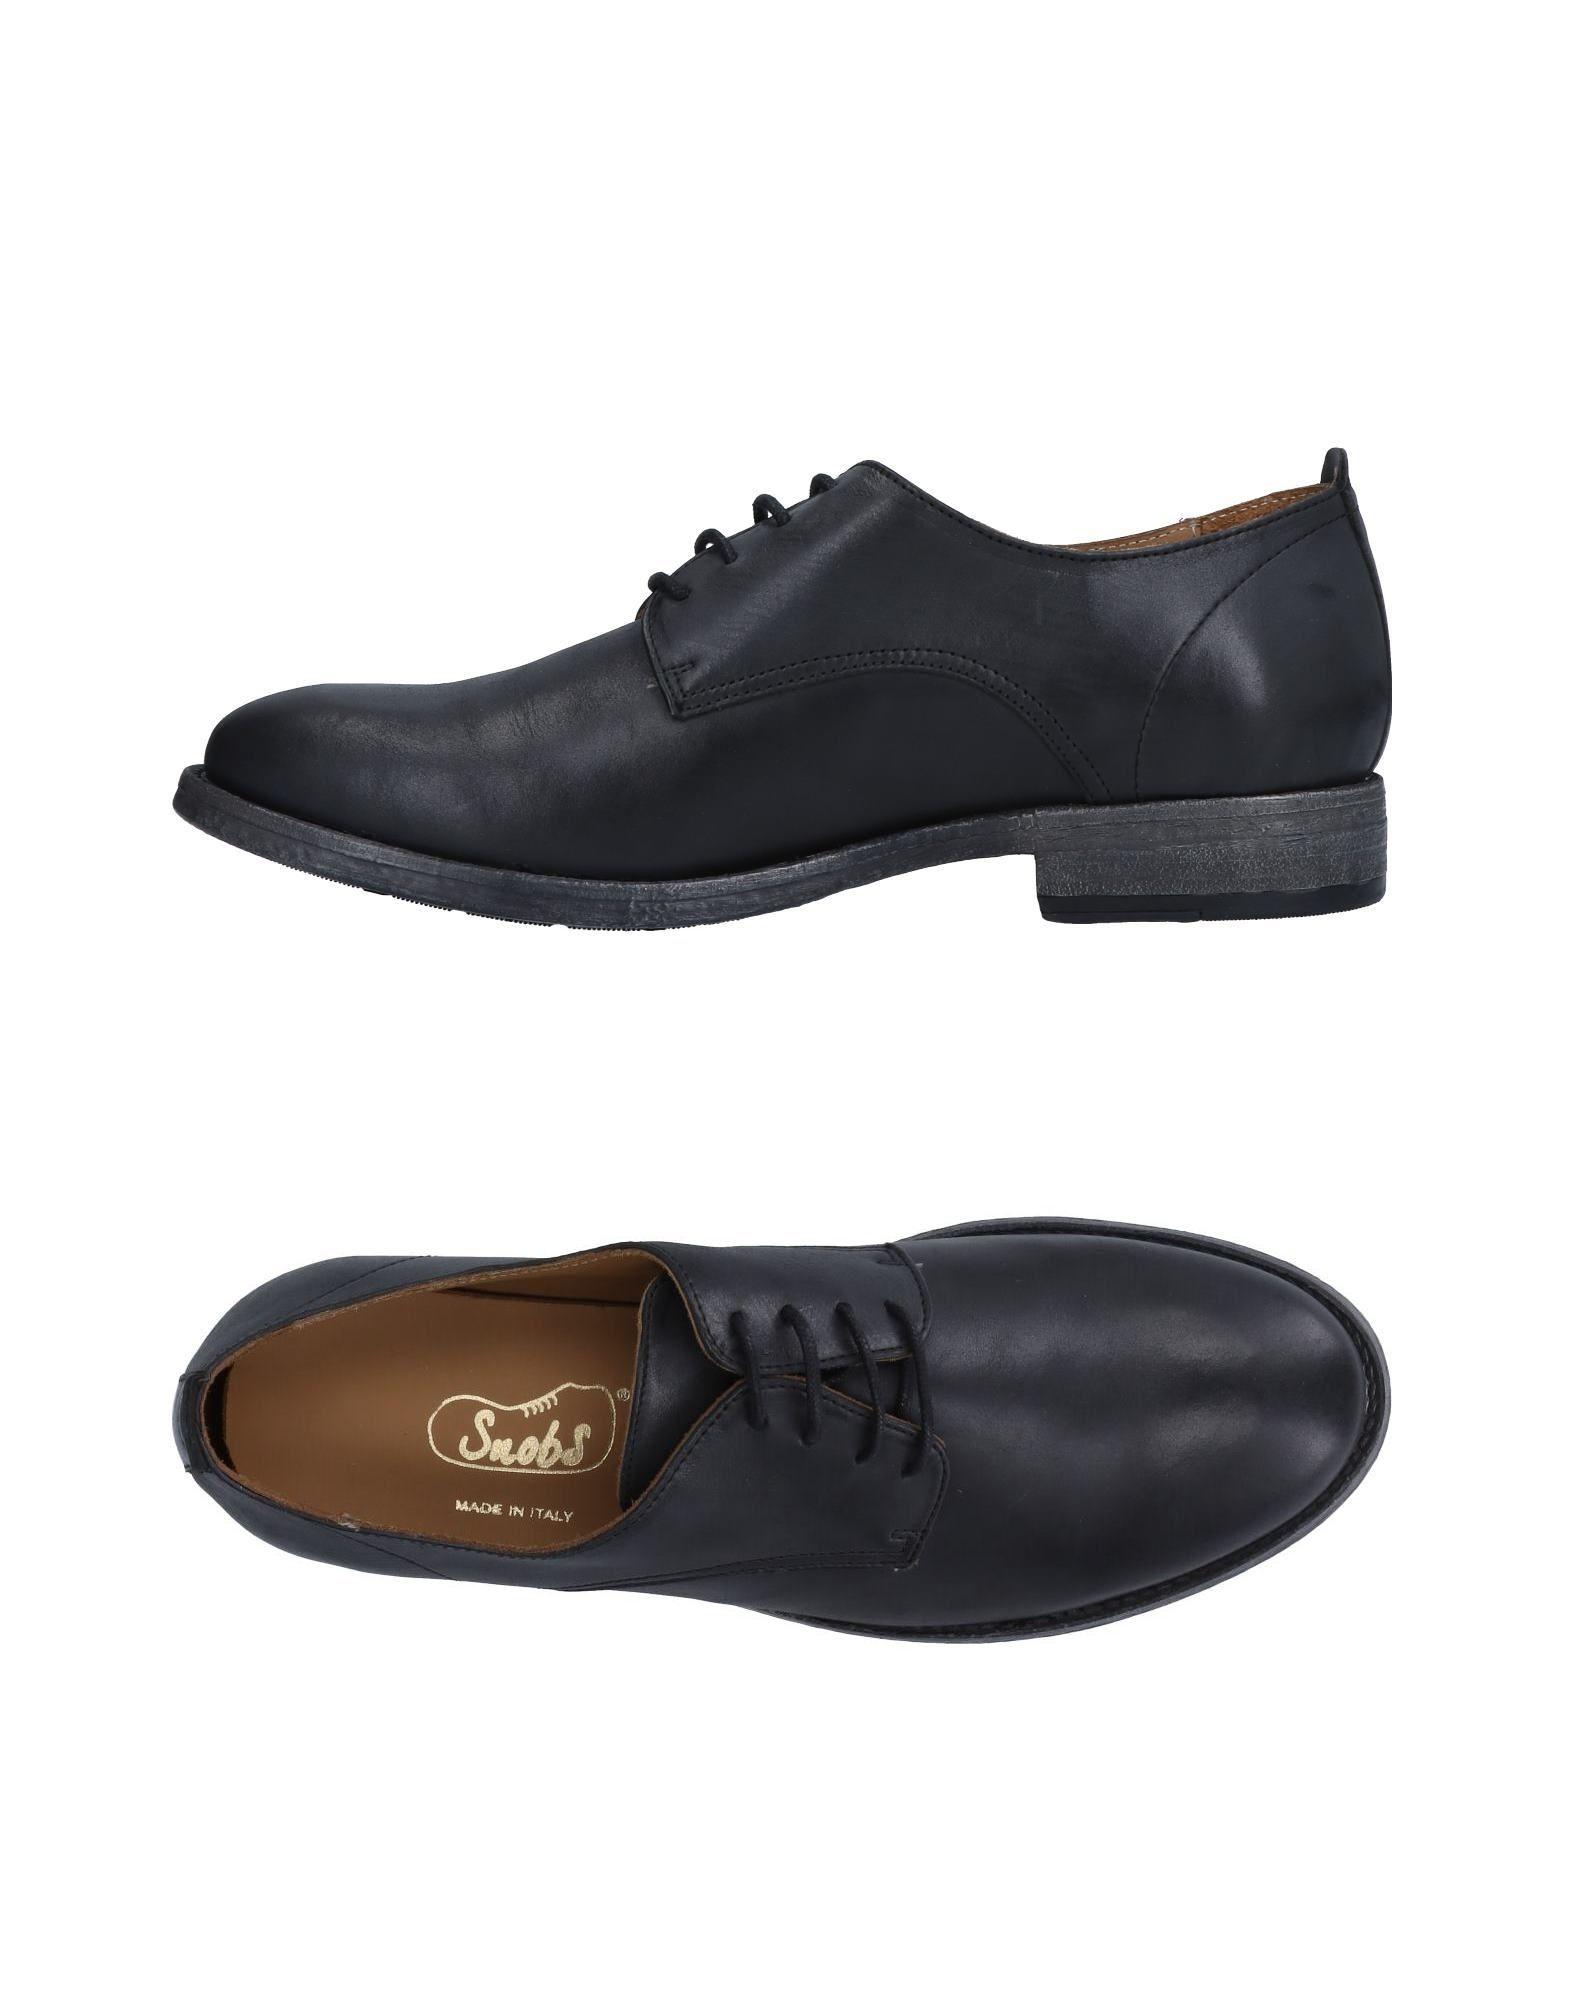 Rabatt echte  Schuhe Snobs® Schnürschuhe Herren  echte 11515593QW adaec9